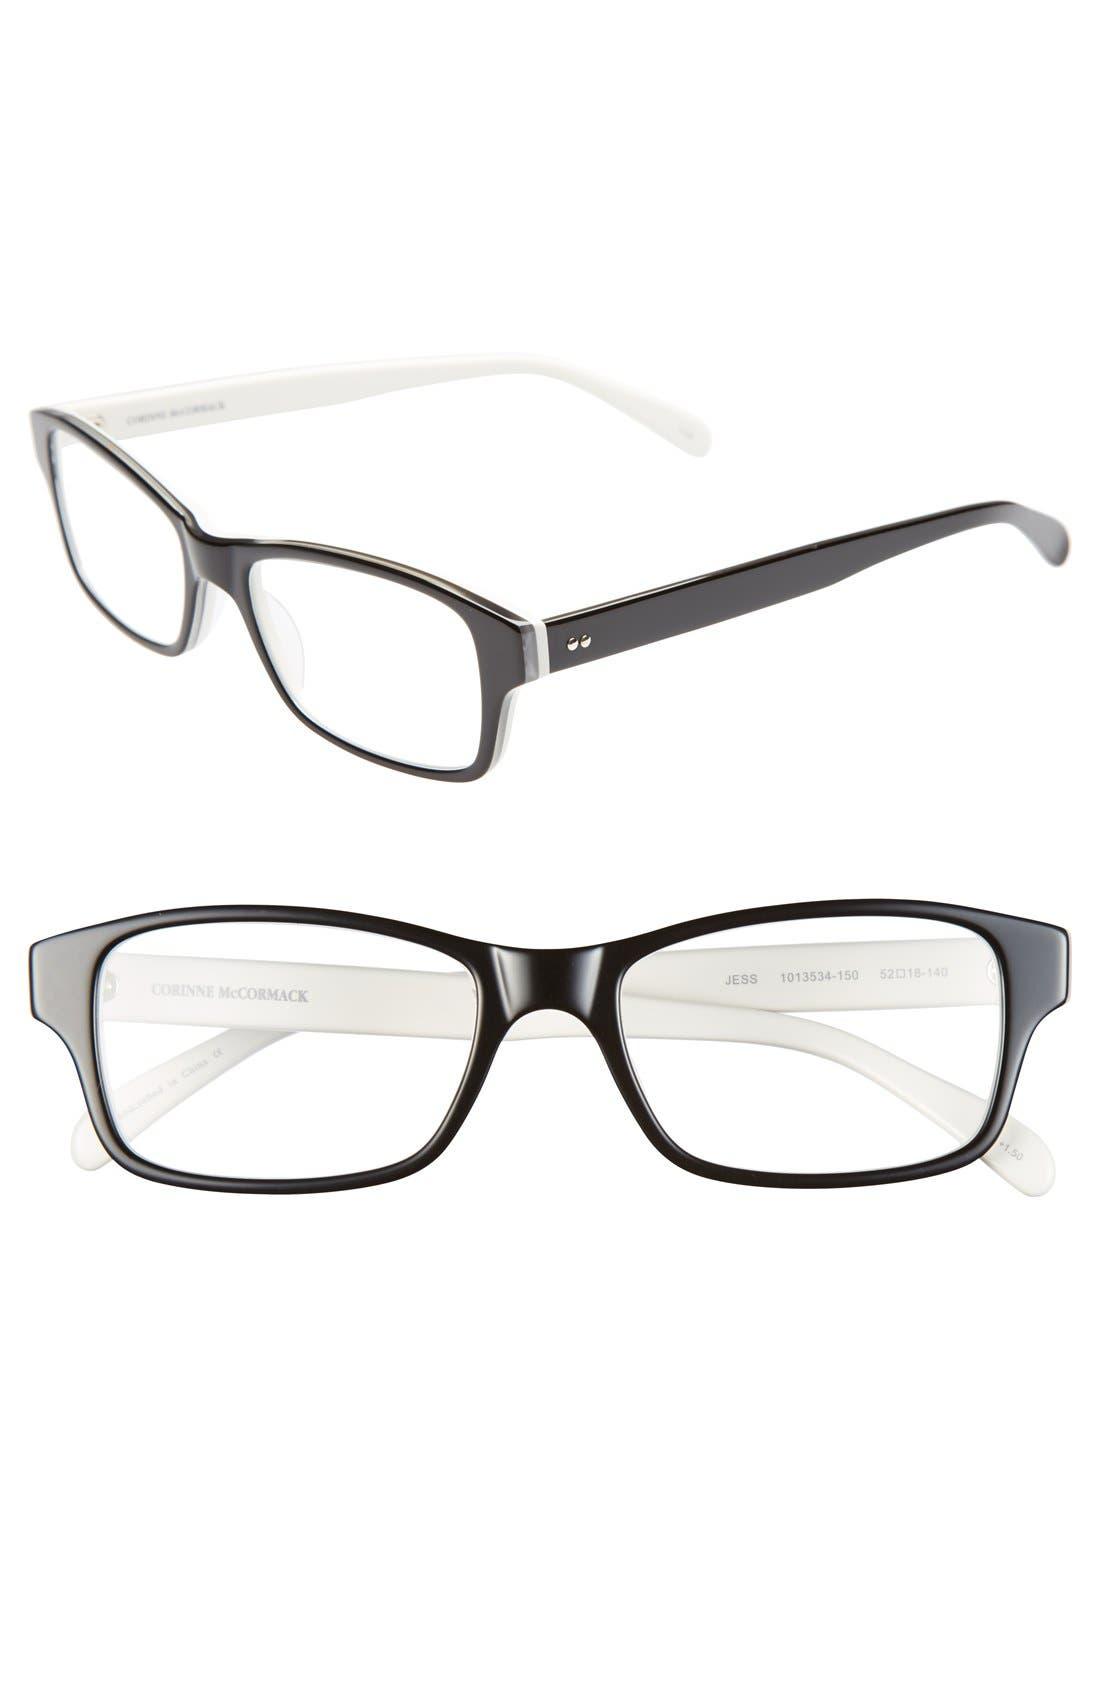 'Jess' 52mm Reading Glasses,                             Main thumbnail 1, color,                             Black/ White